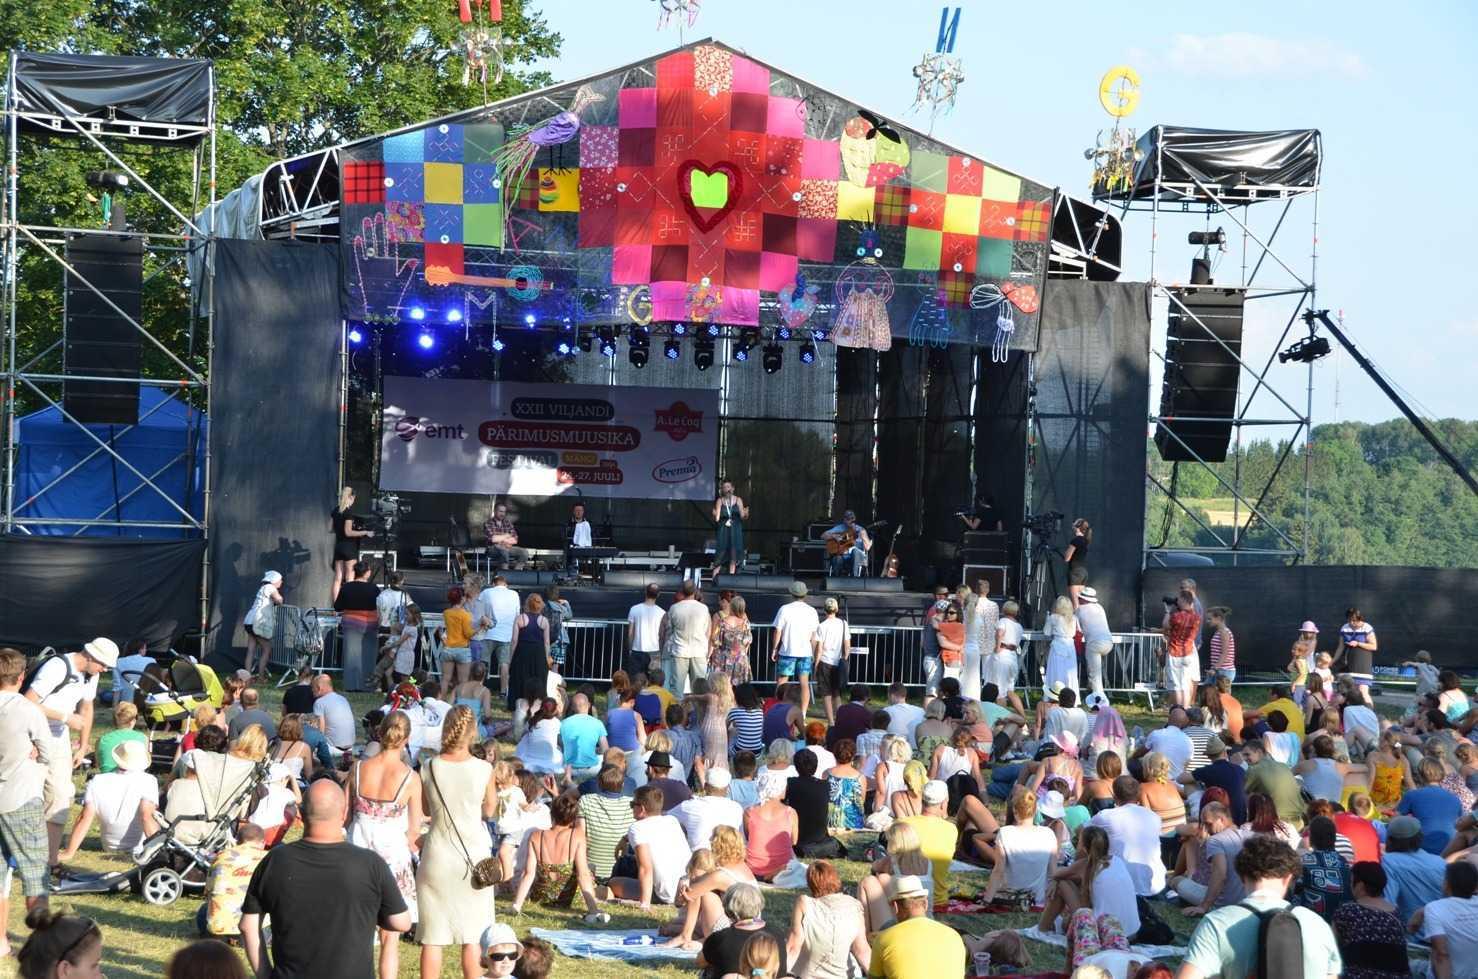 Estonya'nın en büyük müzik festivali Viljanfi Folk Müzik festivalinde Danú grubunun konseri…